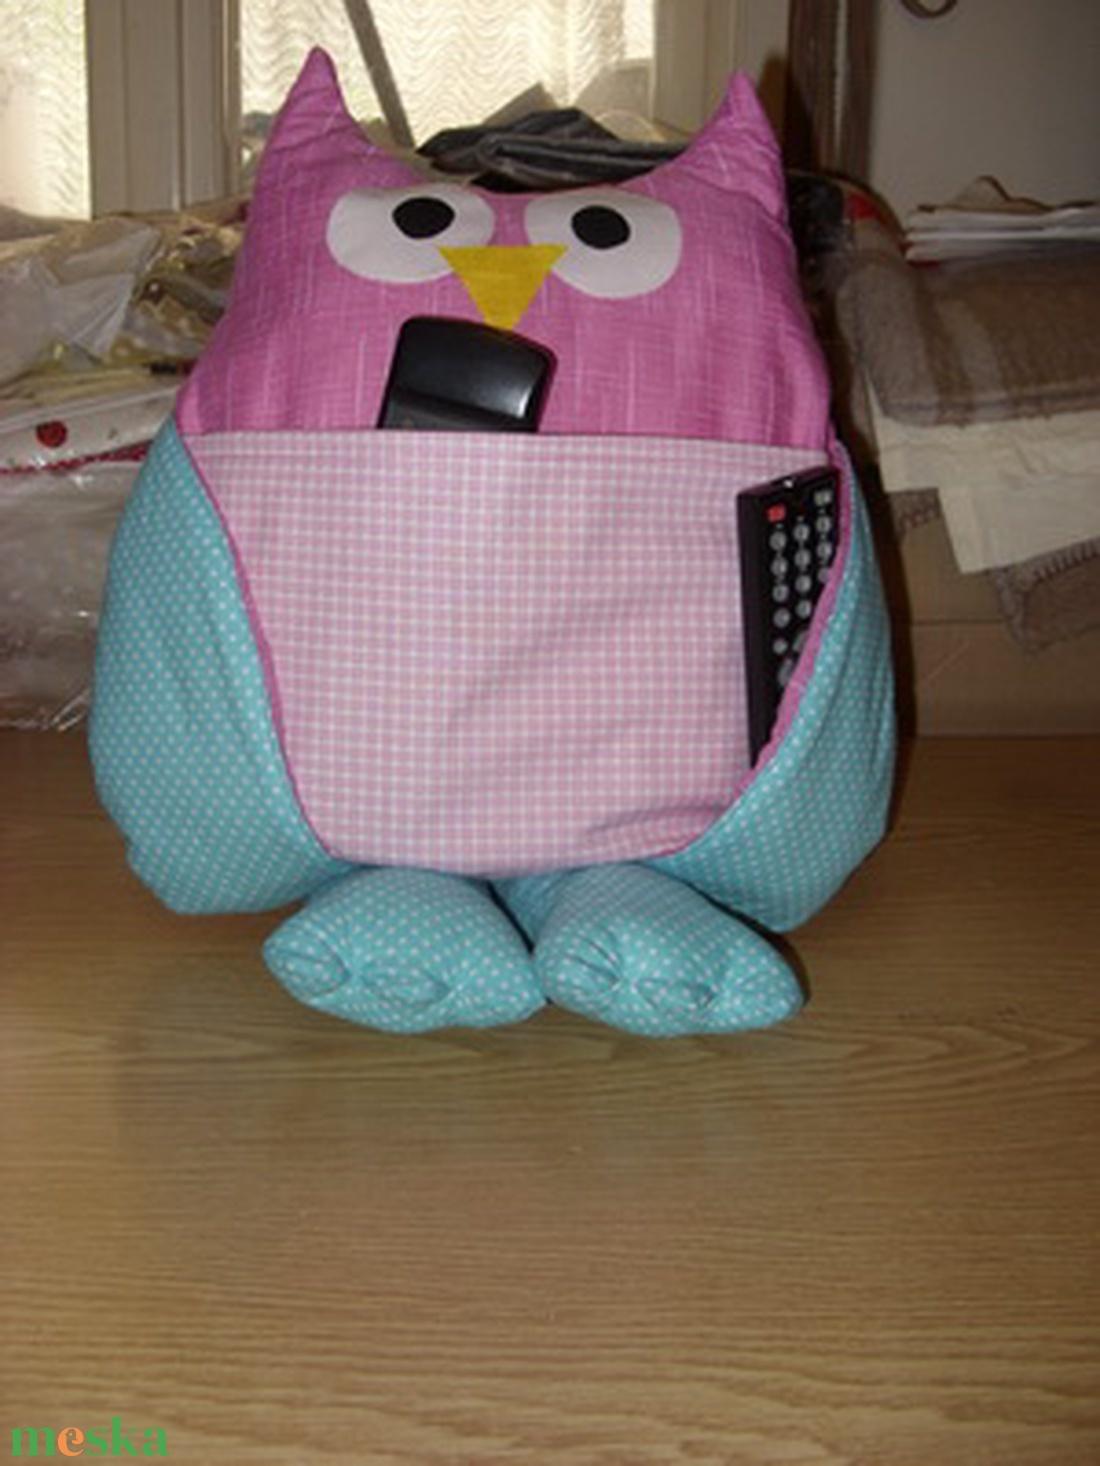 Óriásláb  - cuki bagoly testvérek- 4 zsebes patchwork bagoly nagyon cuki mosható, távirányító tartó, párnácska  - játék & gyerek - Meska.hu